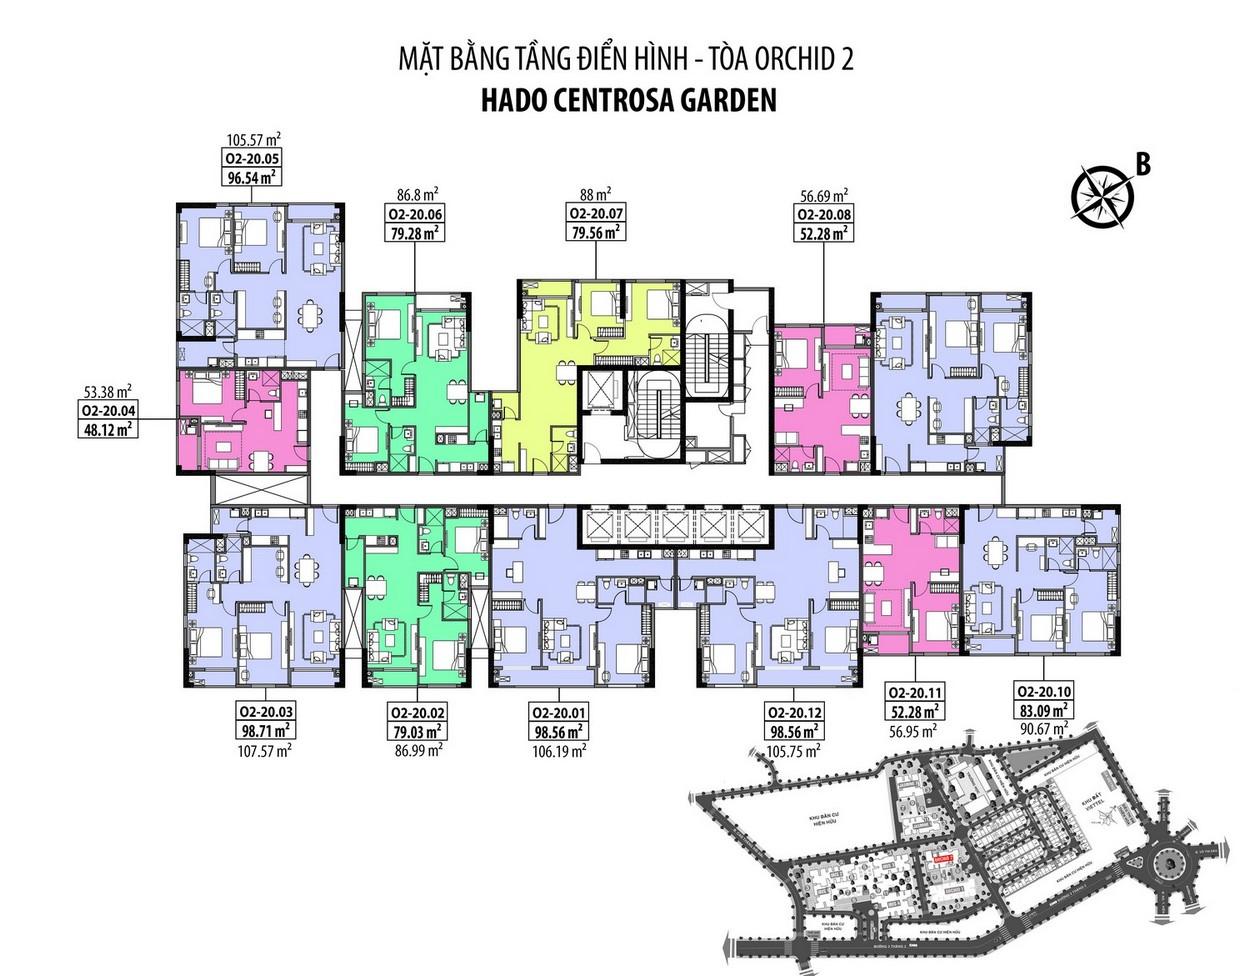 mat-bang-du-an-can-ho-hado-centrosa-garden-quan-10_16